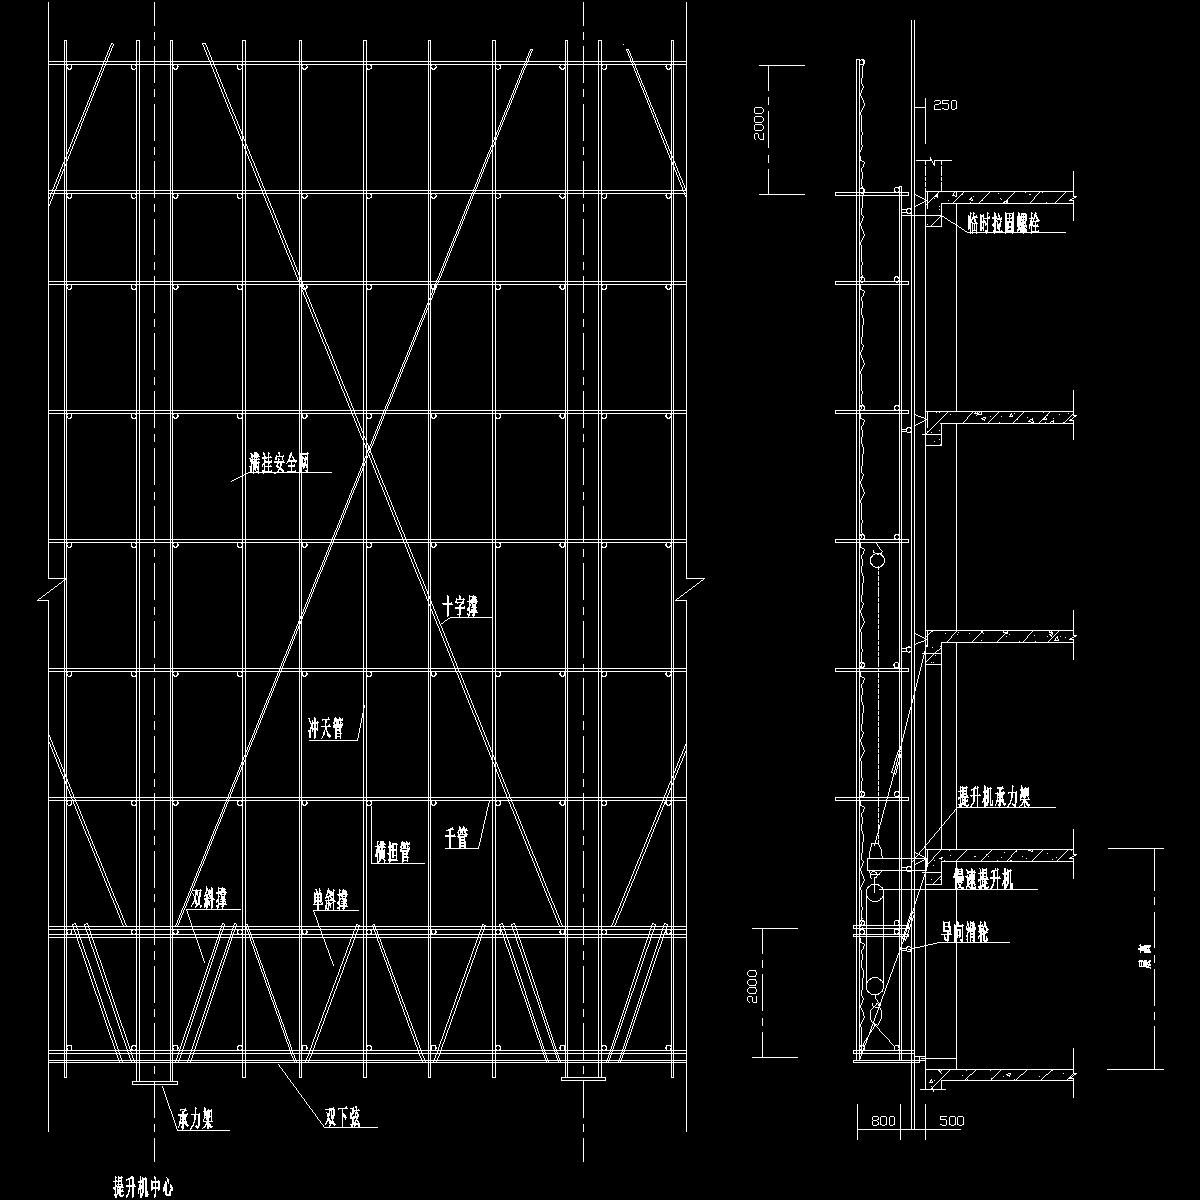 3.10.16框架结构电动外架图.dwg